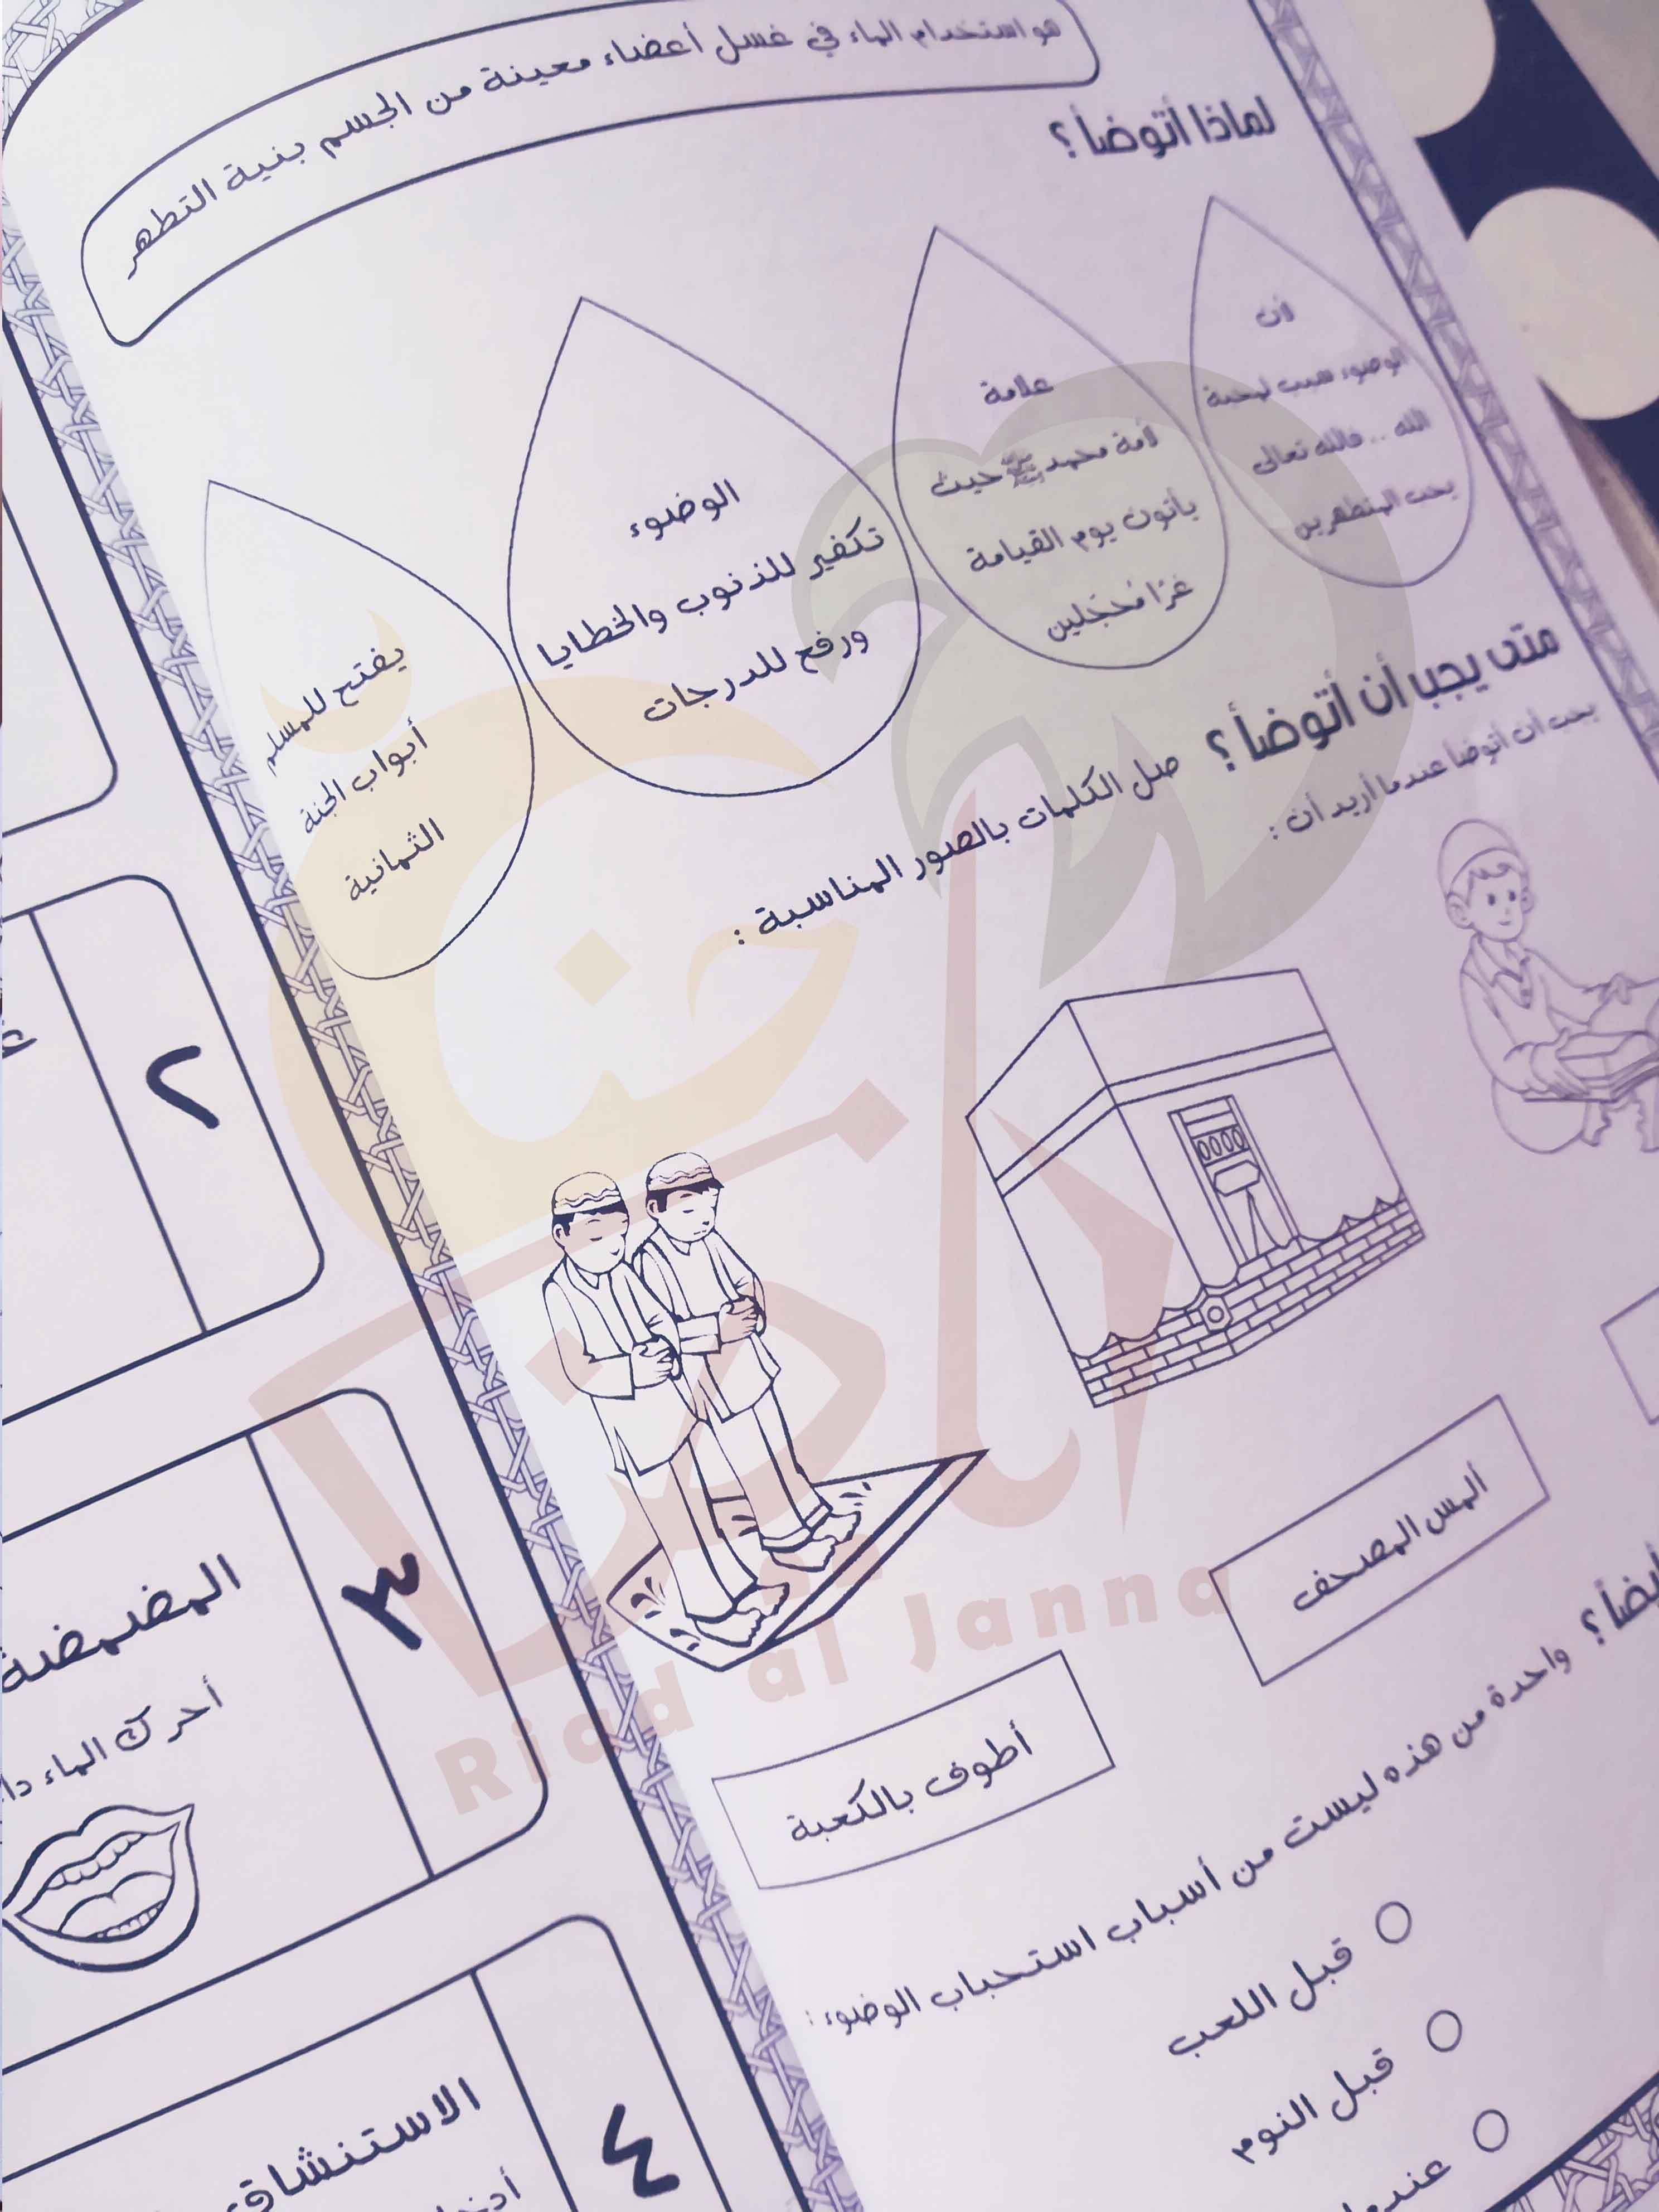 كتيب ممتع لتعليم الوضوء للأطفال برسوم جميلة و خطوات واضحة و تمارين شيقة مدعم بفيديوهات للايضاح و أفكار للتطبي Islam For Kids Concrete Wallpaper Islamic Studies